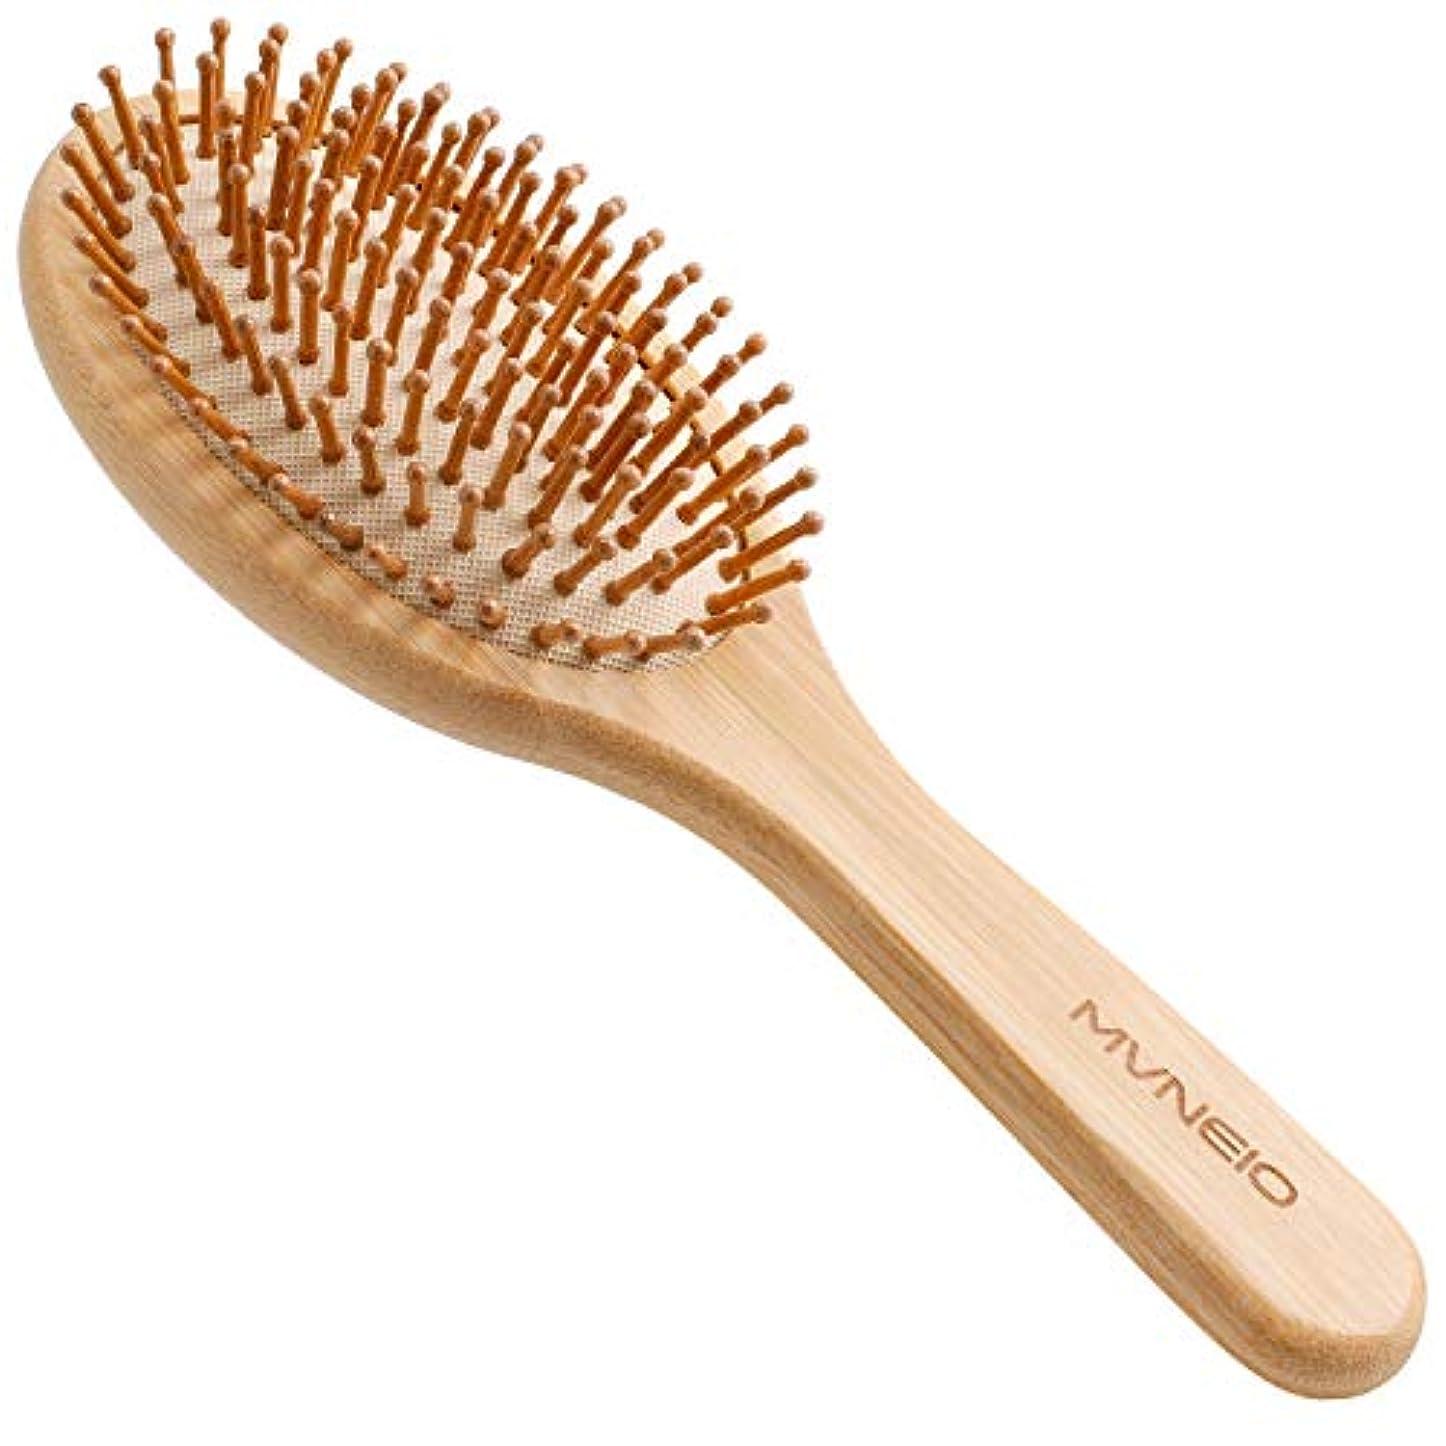 誠実収束する少ないヘアブラシ 竹製櫛 くし ヘアケア 頭皮マッサージ 静電気防止 パドルブラシ 美髪ケア 頭皮に優しい メンズ レディースに適用